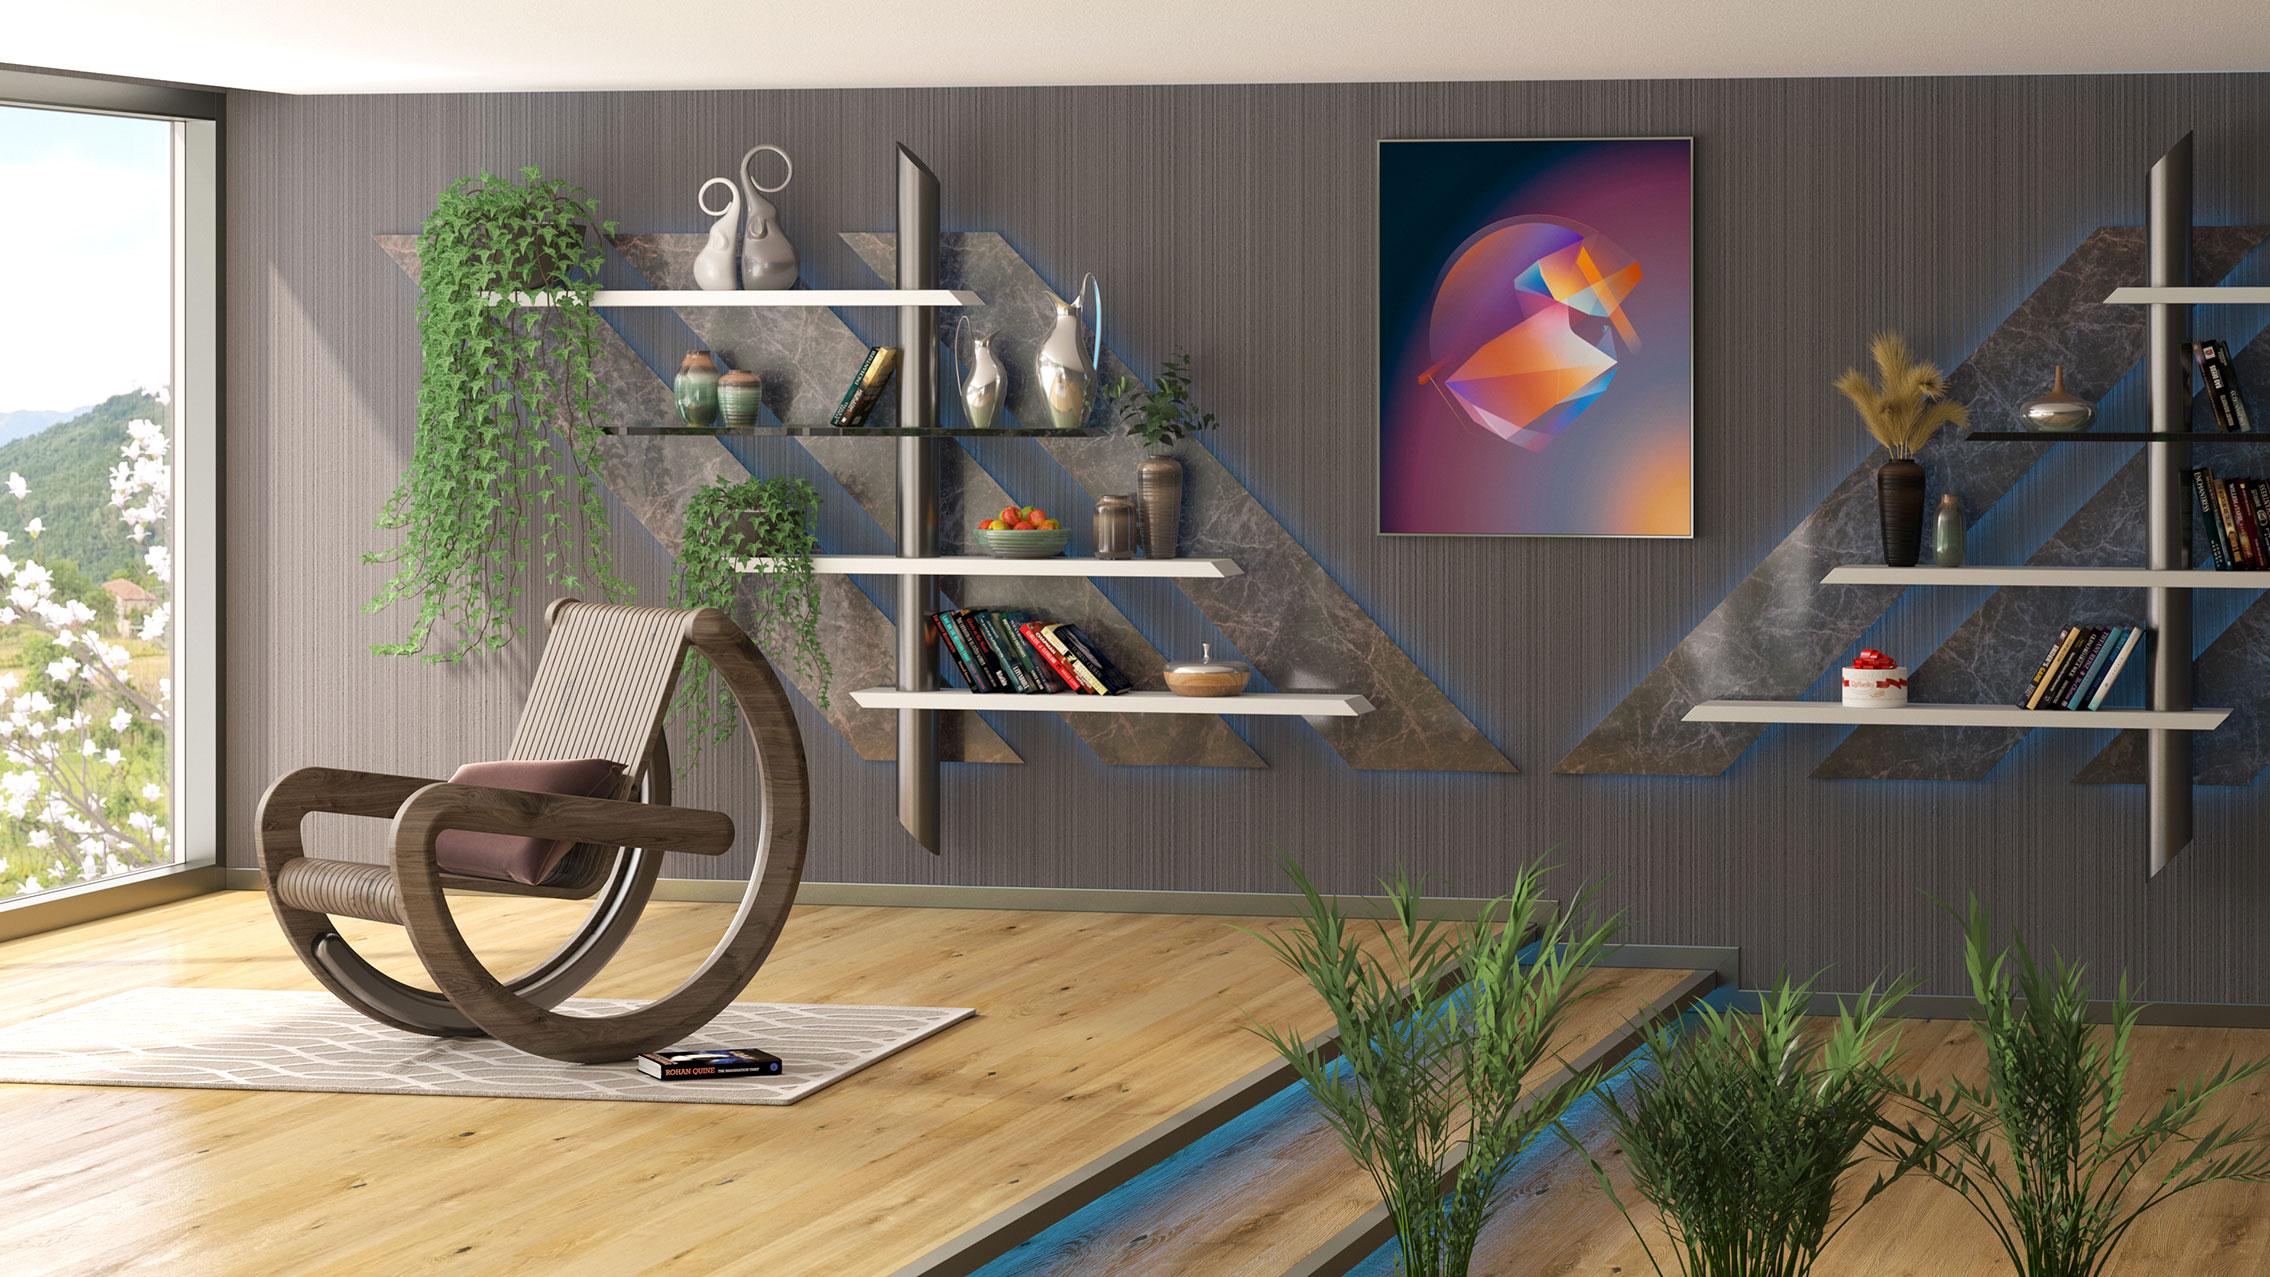 Equilibrium chair by Adam Edward Design